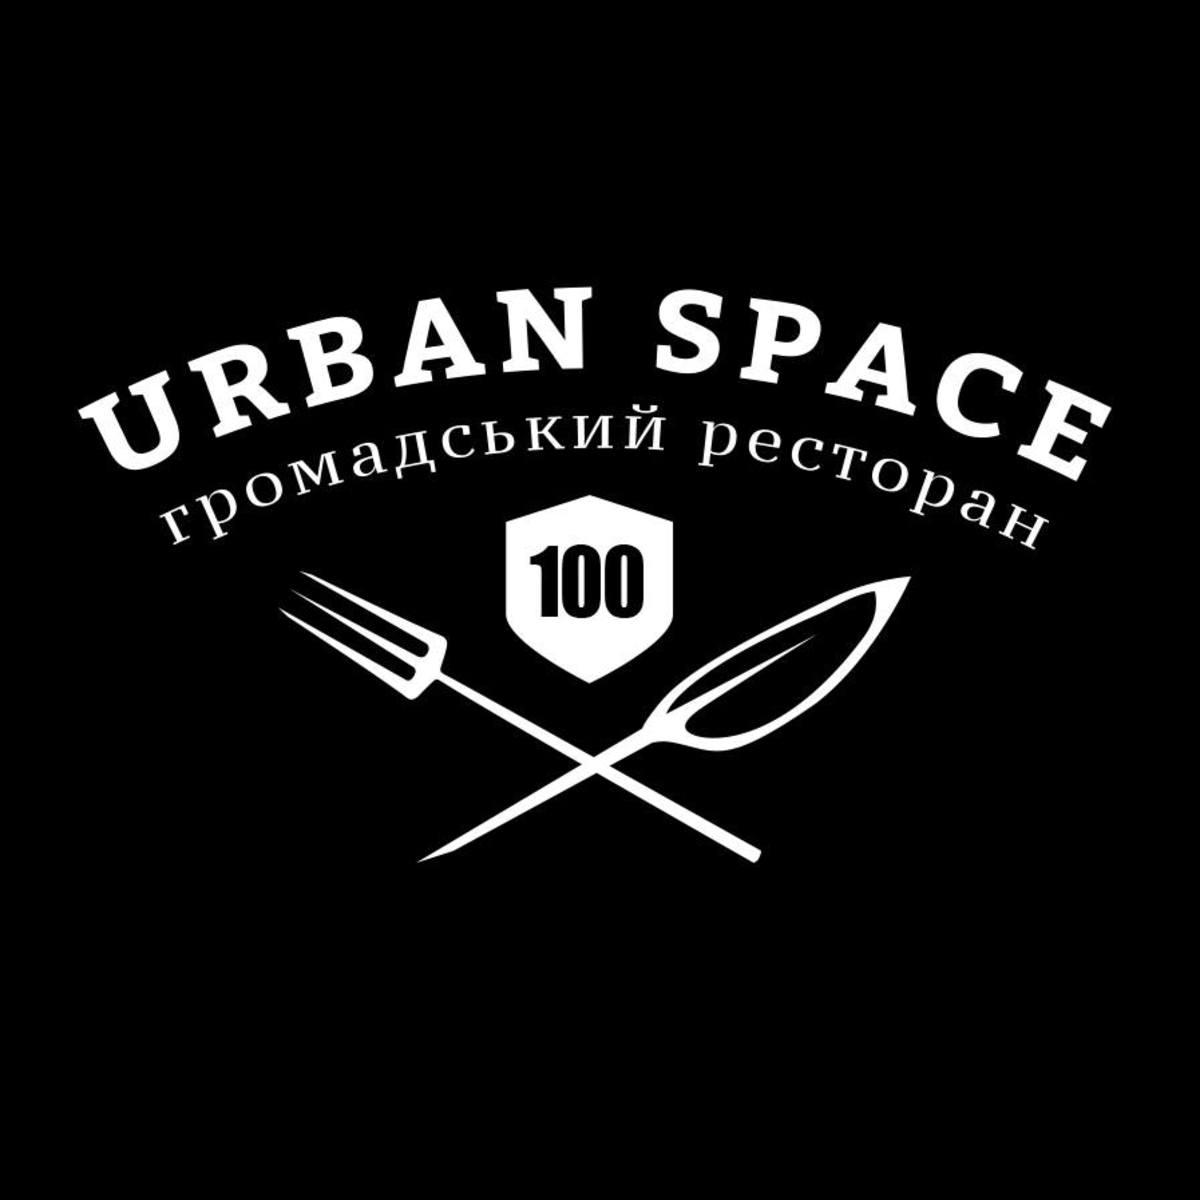 """Результат пошуку зображень за запитом """"Urban Space 100"""""""